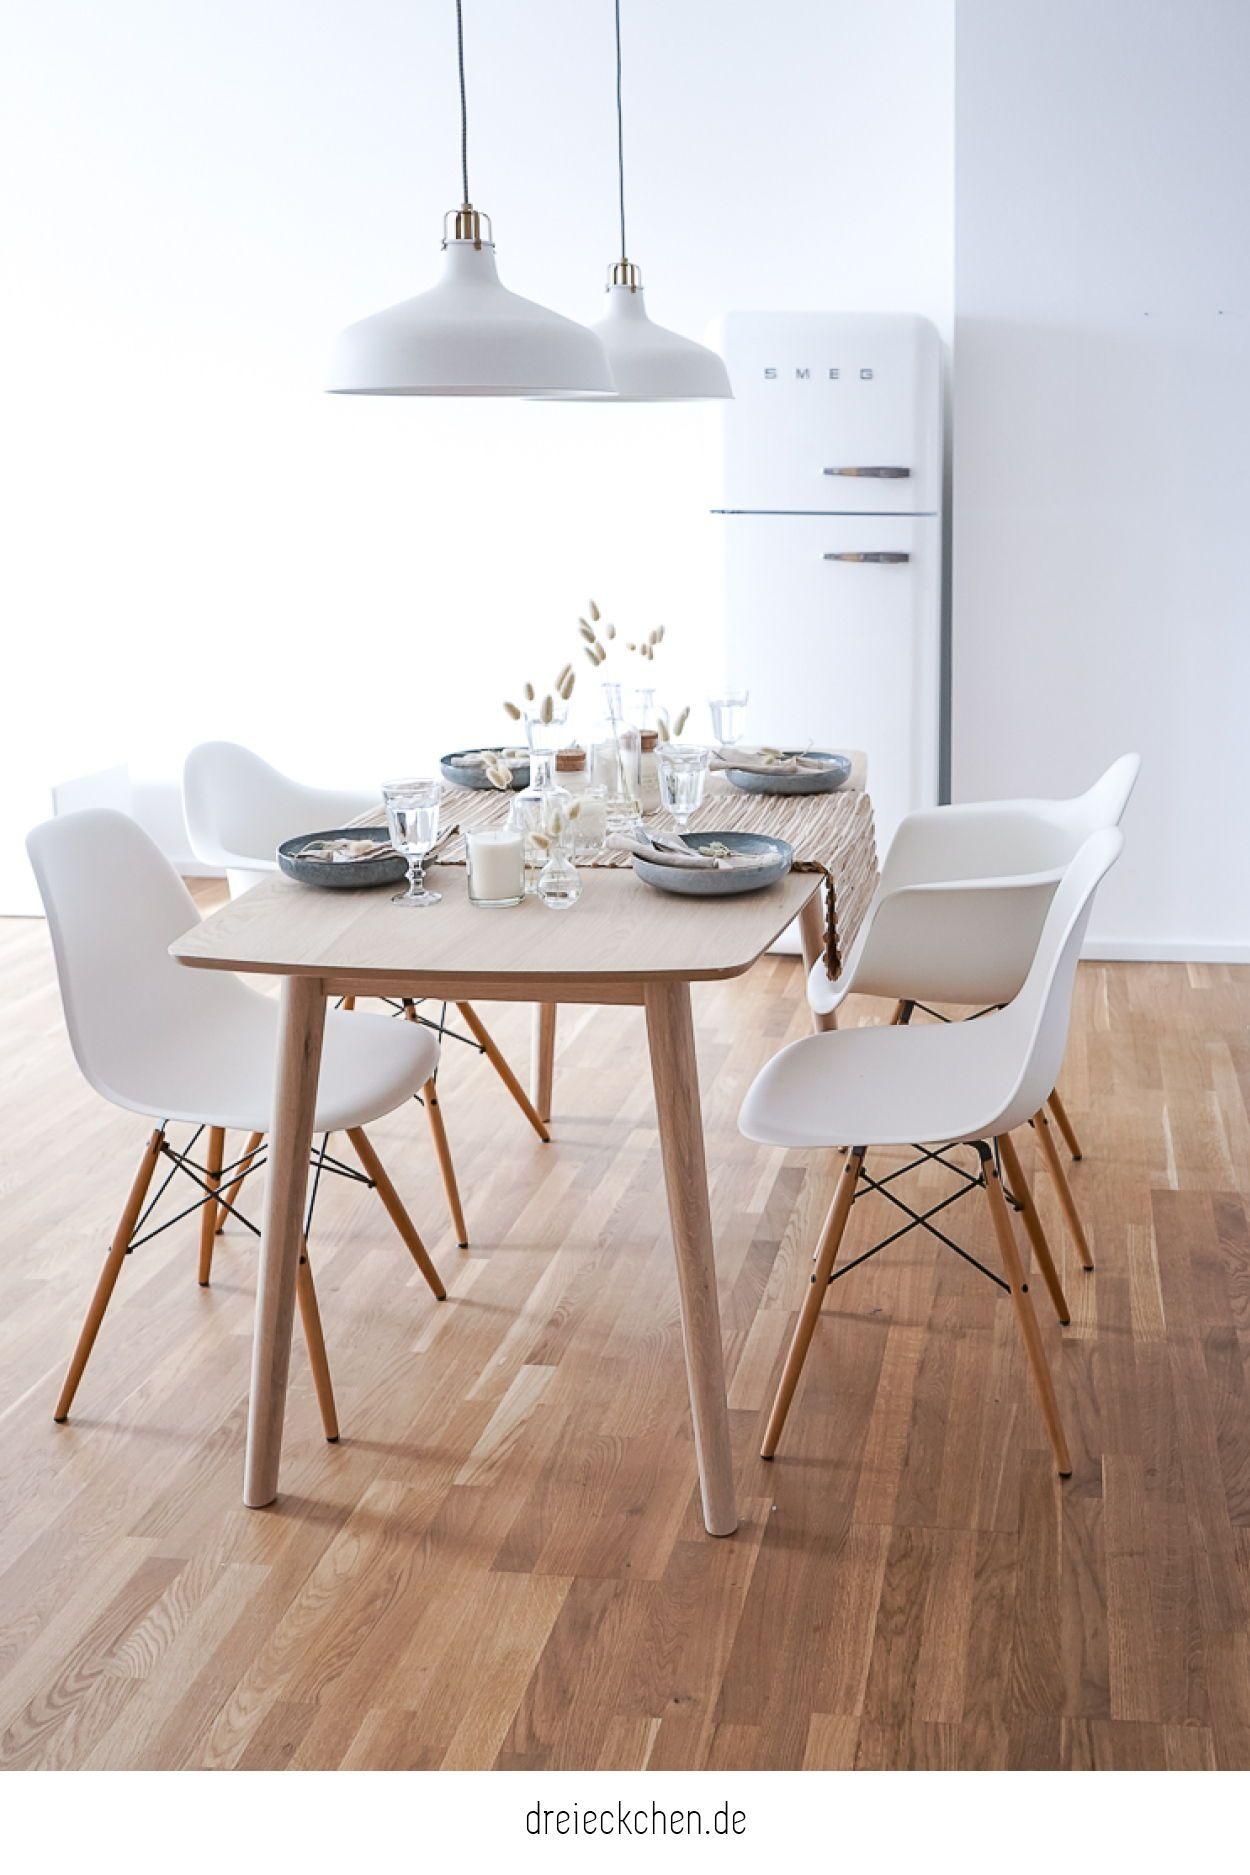 Esszimmer Ideen Im Scandi Stil In 2020 Wohnzimmer Einrichten Inneneinrichtung Wohnzimmer